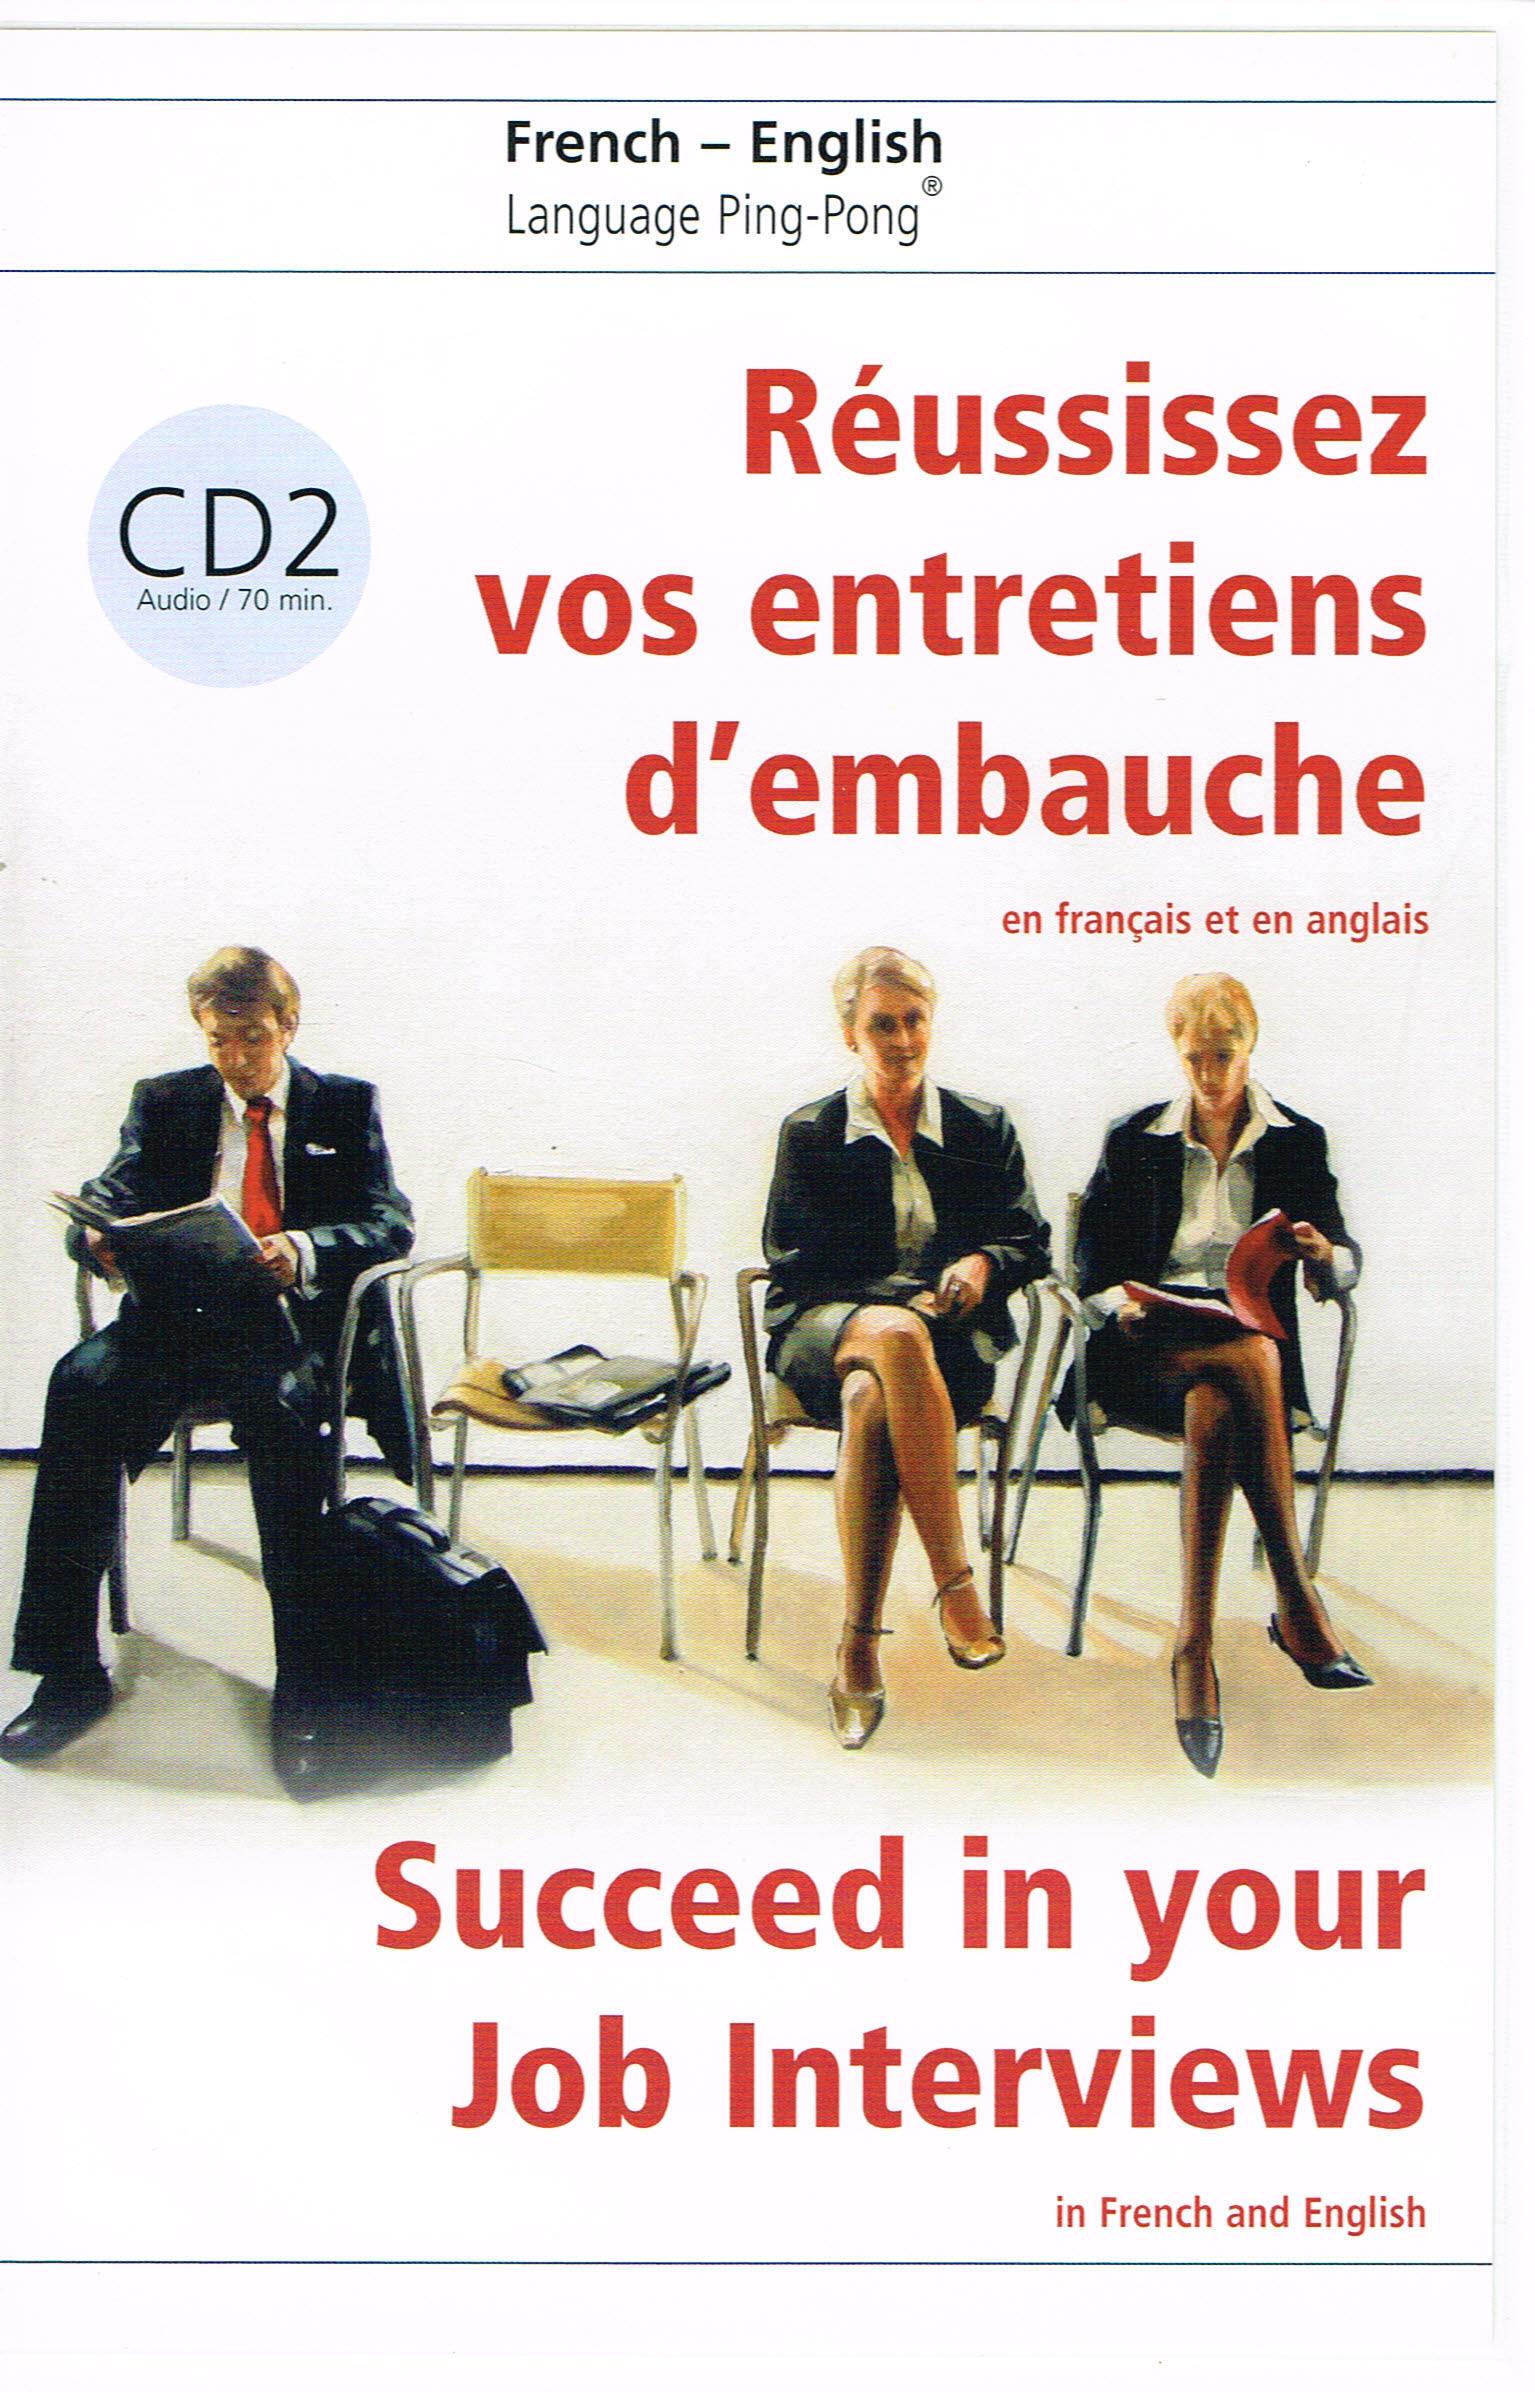 REUSSISSEZ VOS ENTRETIENS D'EMBAUCHE FRANCAIS/ANGLAIS CD N 2